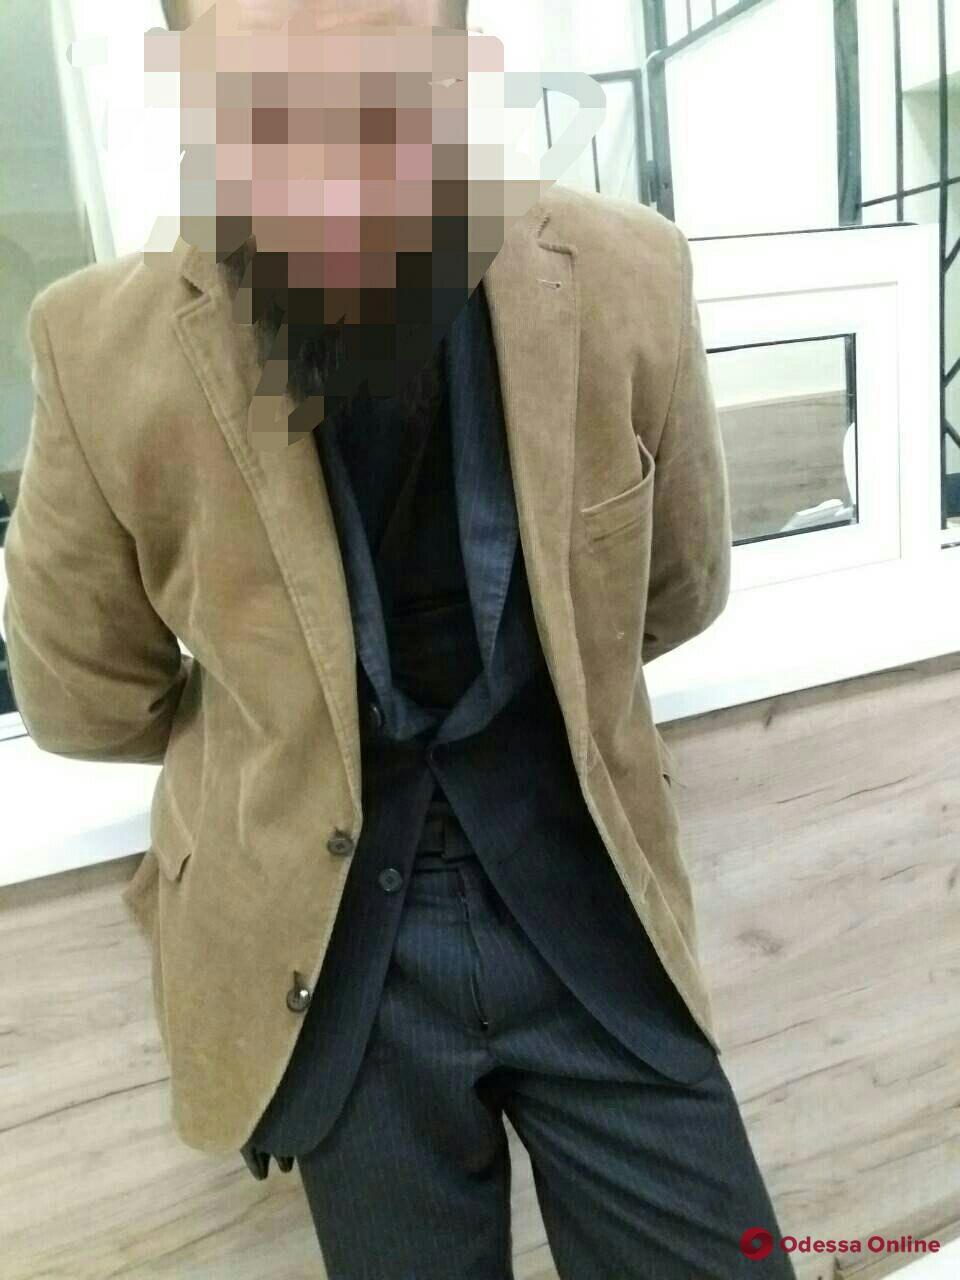 Одесса: по ЦУМу гулял мужчина с пистолетом